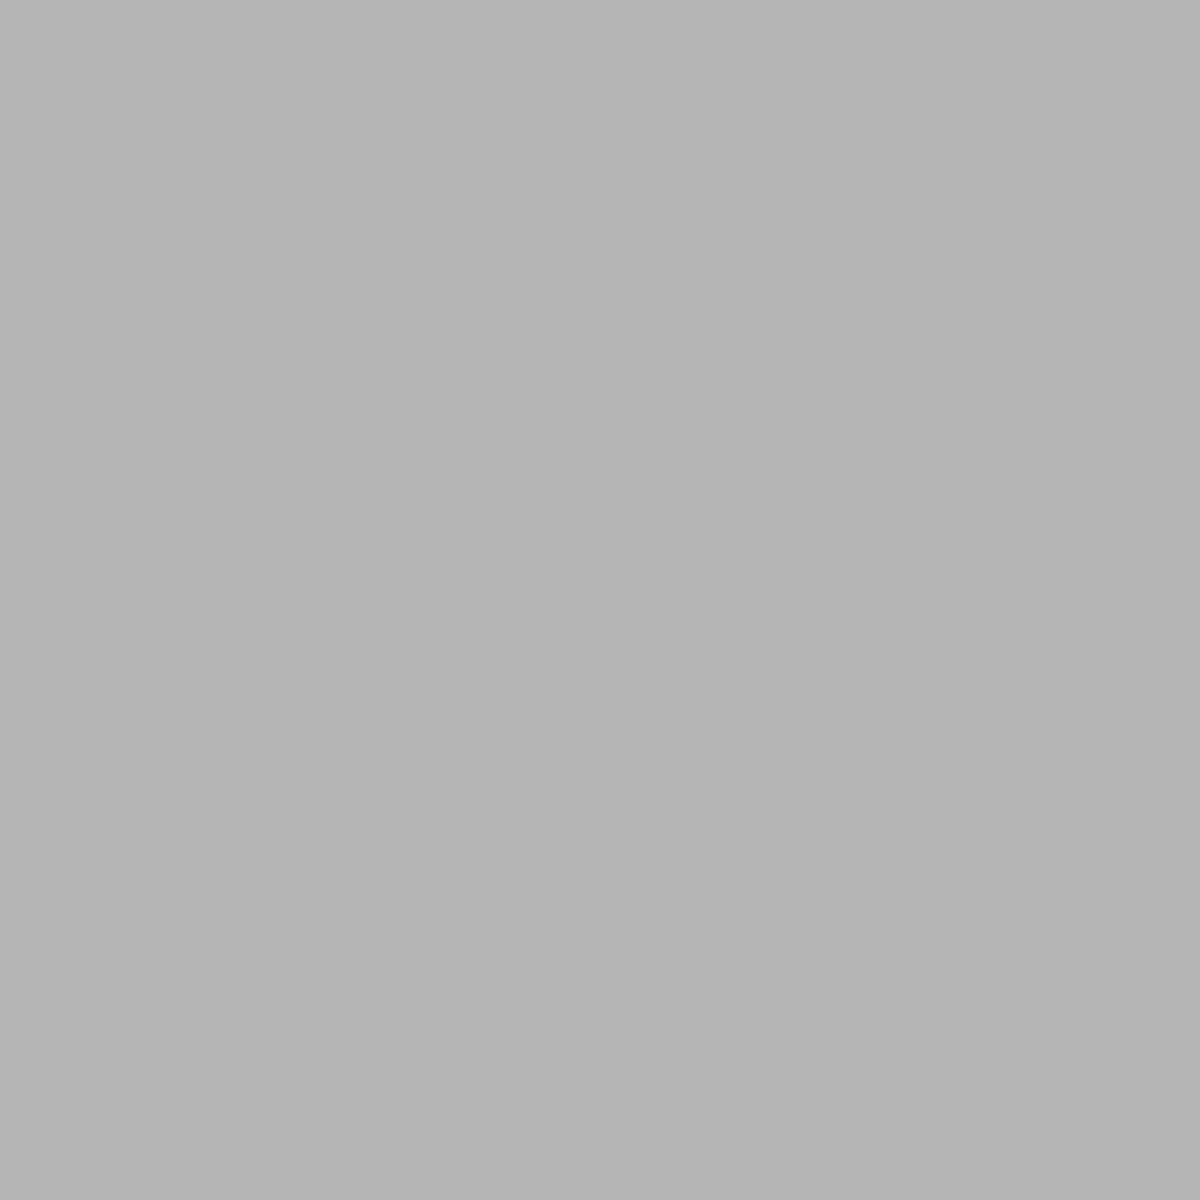 200x Brief-Umschläge B6 - Naturweiss - - - 12,5 x 17,5 cm - Haftklebung 120 g m² - breite edle Verschluss-Lasche - hochwertige Einladungs-Umschläge B07KXTC45Q | Online-Exportgeschäft  8d58df